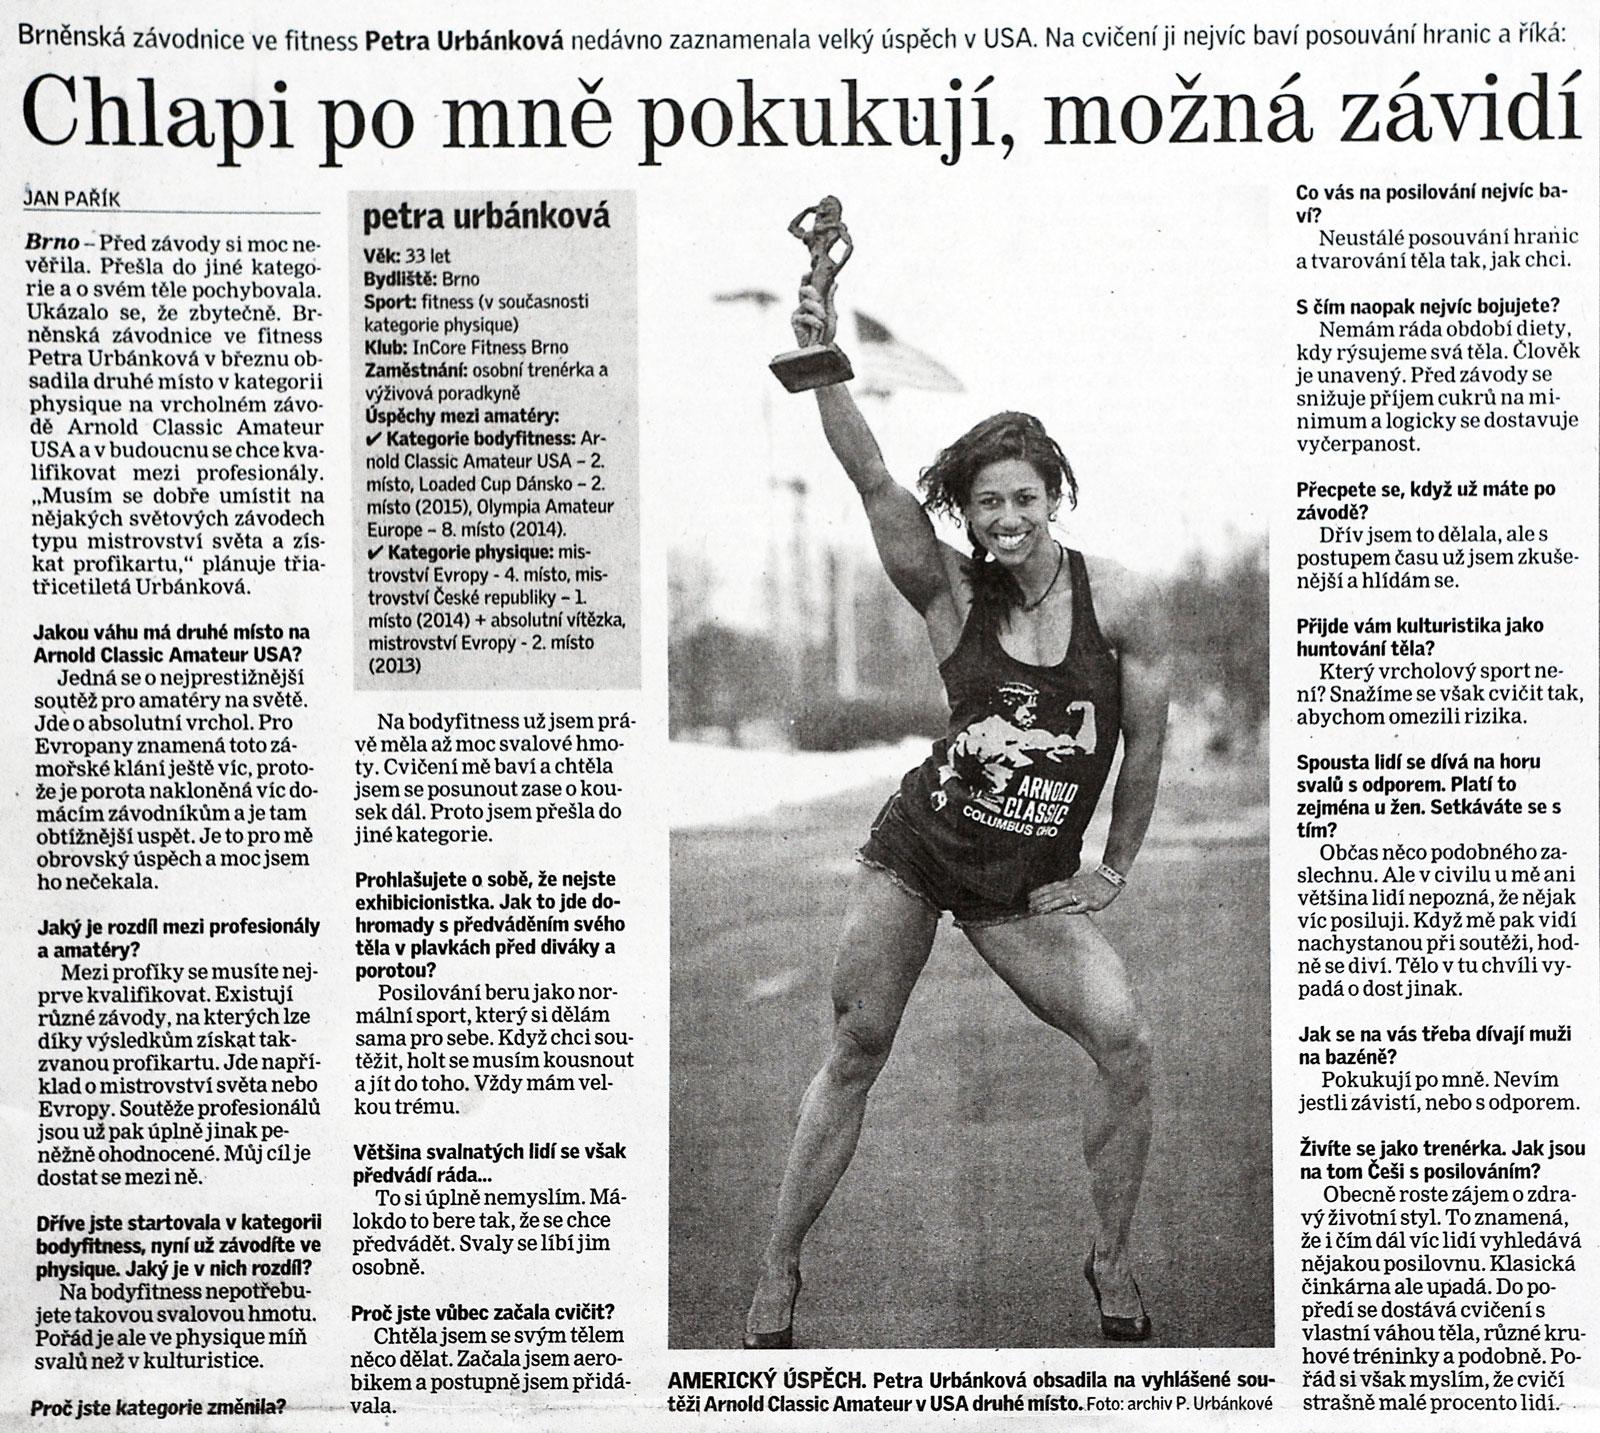 Článek v Brněnském deníku